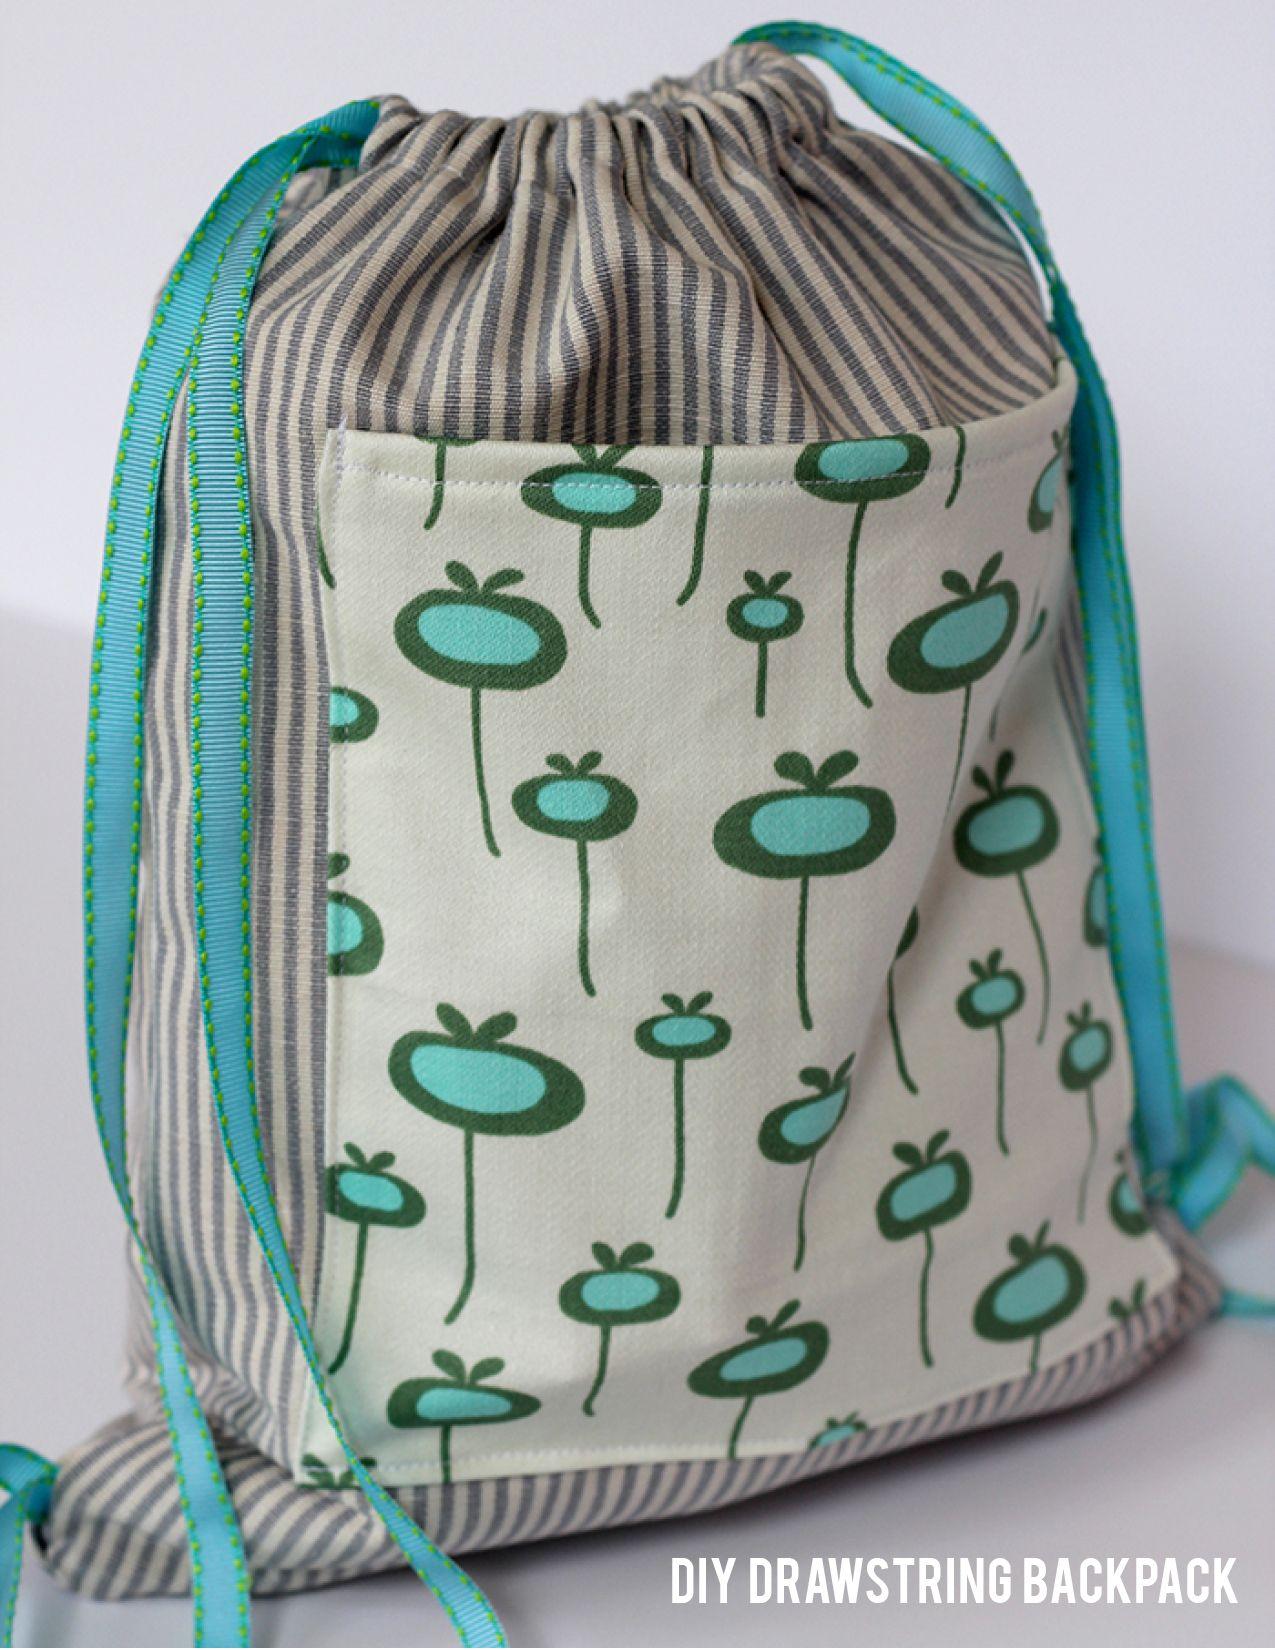 DIY Drawstring Backpack | Drawstring backpack, Backpacks and Bag